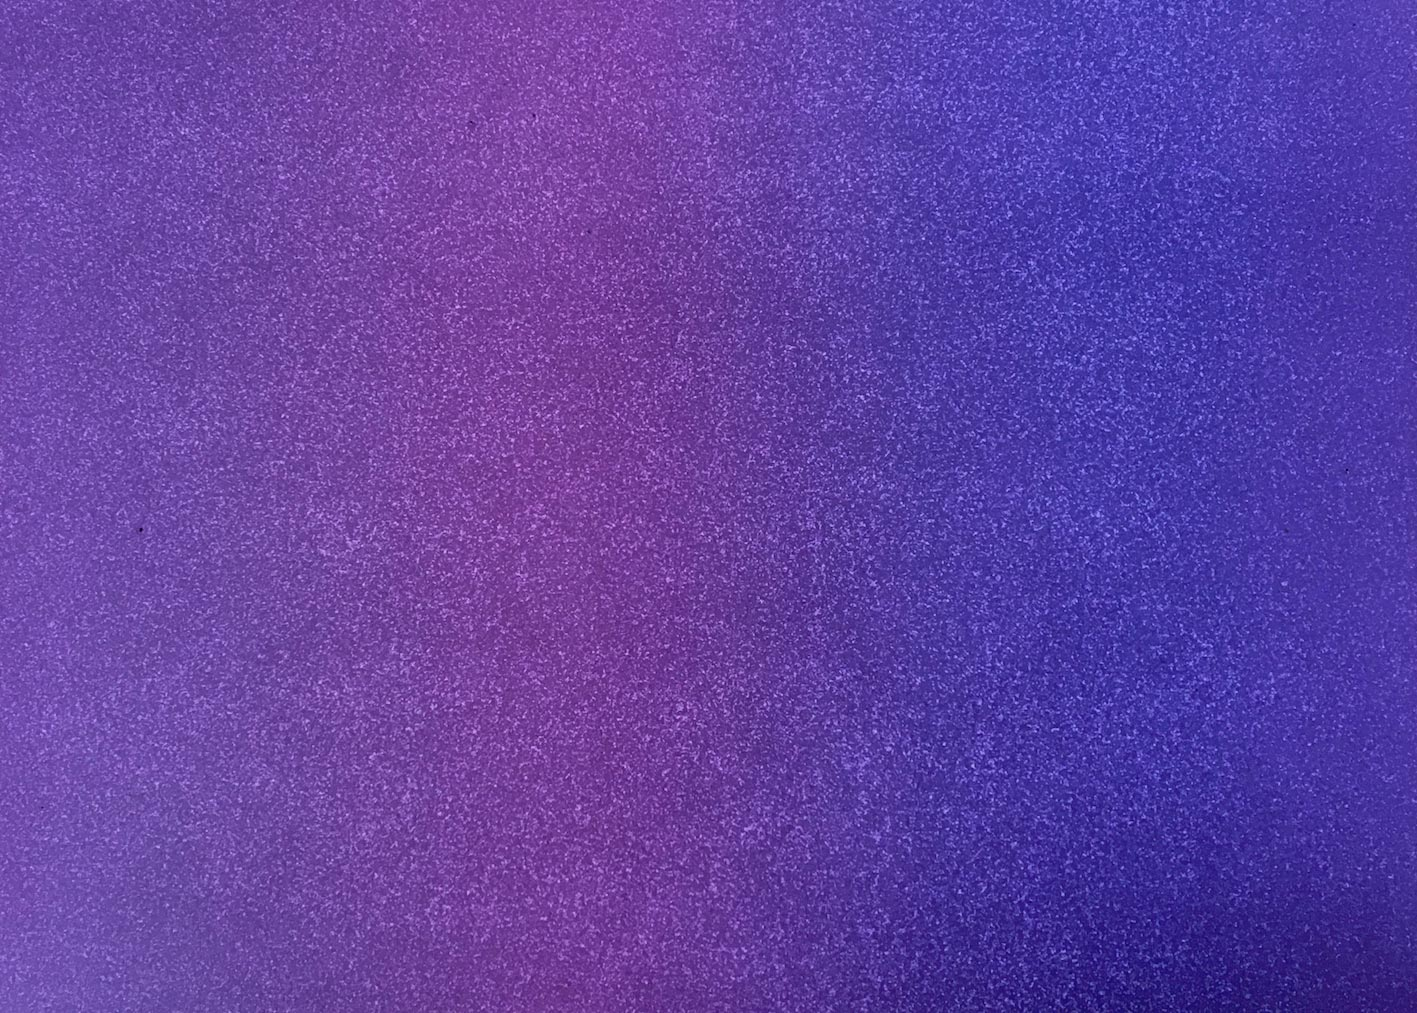 continuous_tone 09.jpg